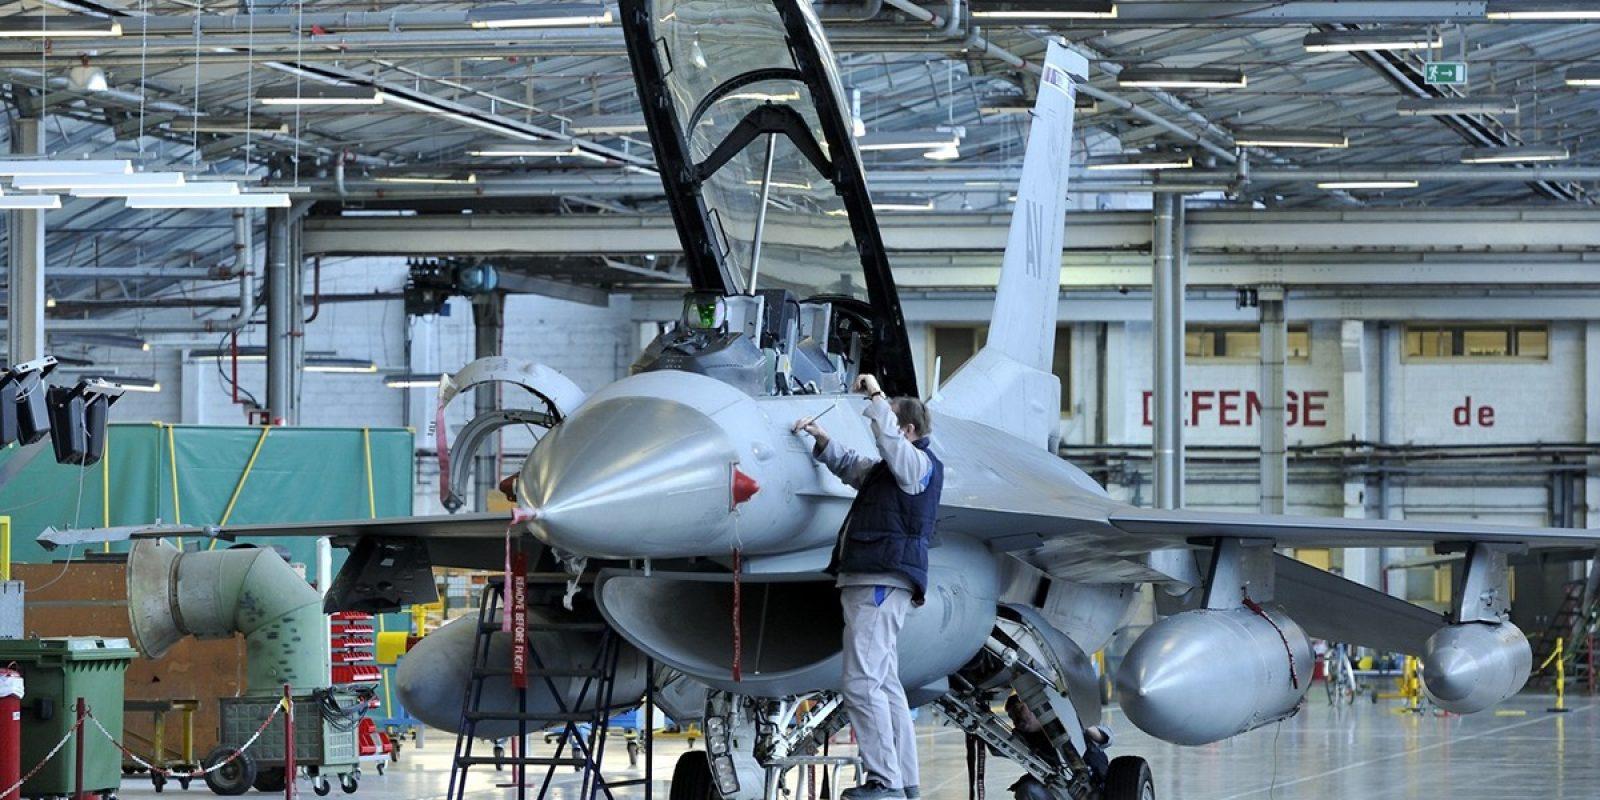 SABCA est très fière d'être le seul fournisseur européen de services MRO-U au niveau «depot level» pour les F-16 de l'US Air Force. Un F-16DG du 31 Fighter Wing d'Aviano est ici photographié en travaux dans les hangars carolorégiens. (Photo SABCA)